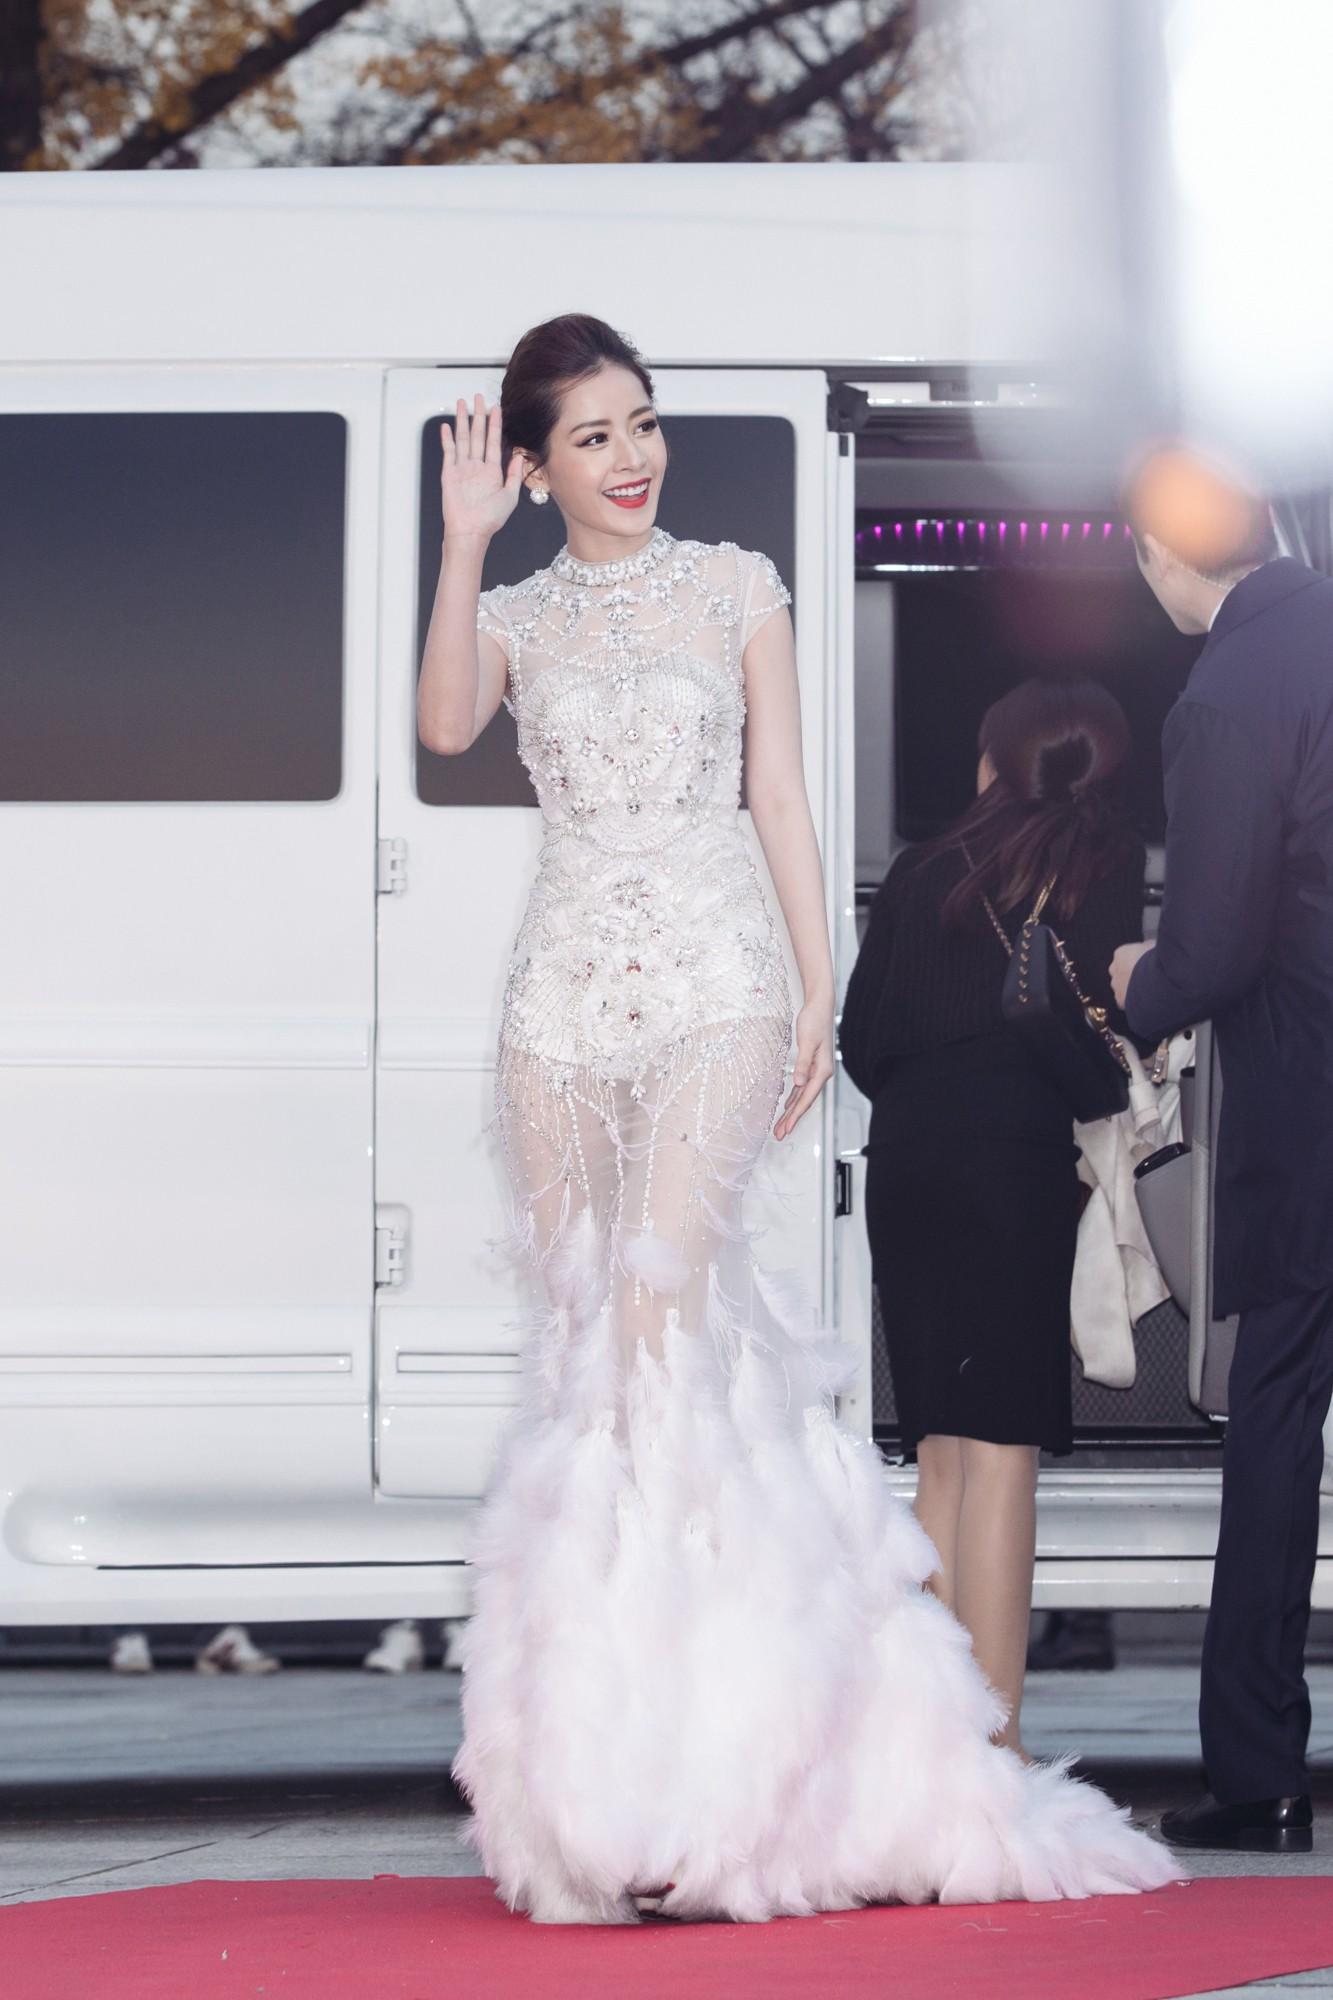 Choáng với quy mô 3 mùa Asia Artist Awards: Bê cả Kbiz lên thảm đỏ, tập hợp khoảnh khắc đắt giá nhưng vẫn tồn tại 1 vấn đề - Ảnh 3.